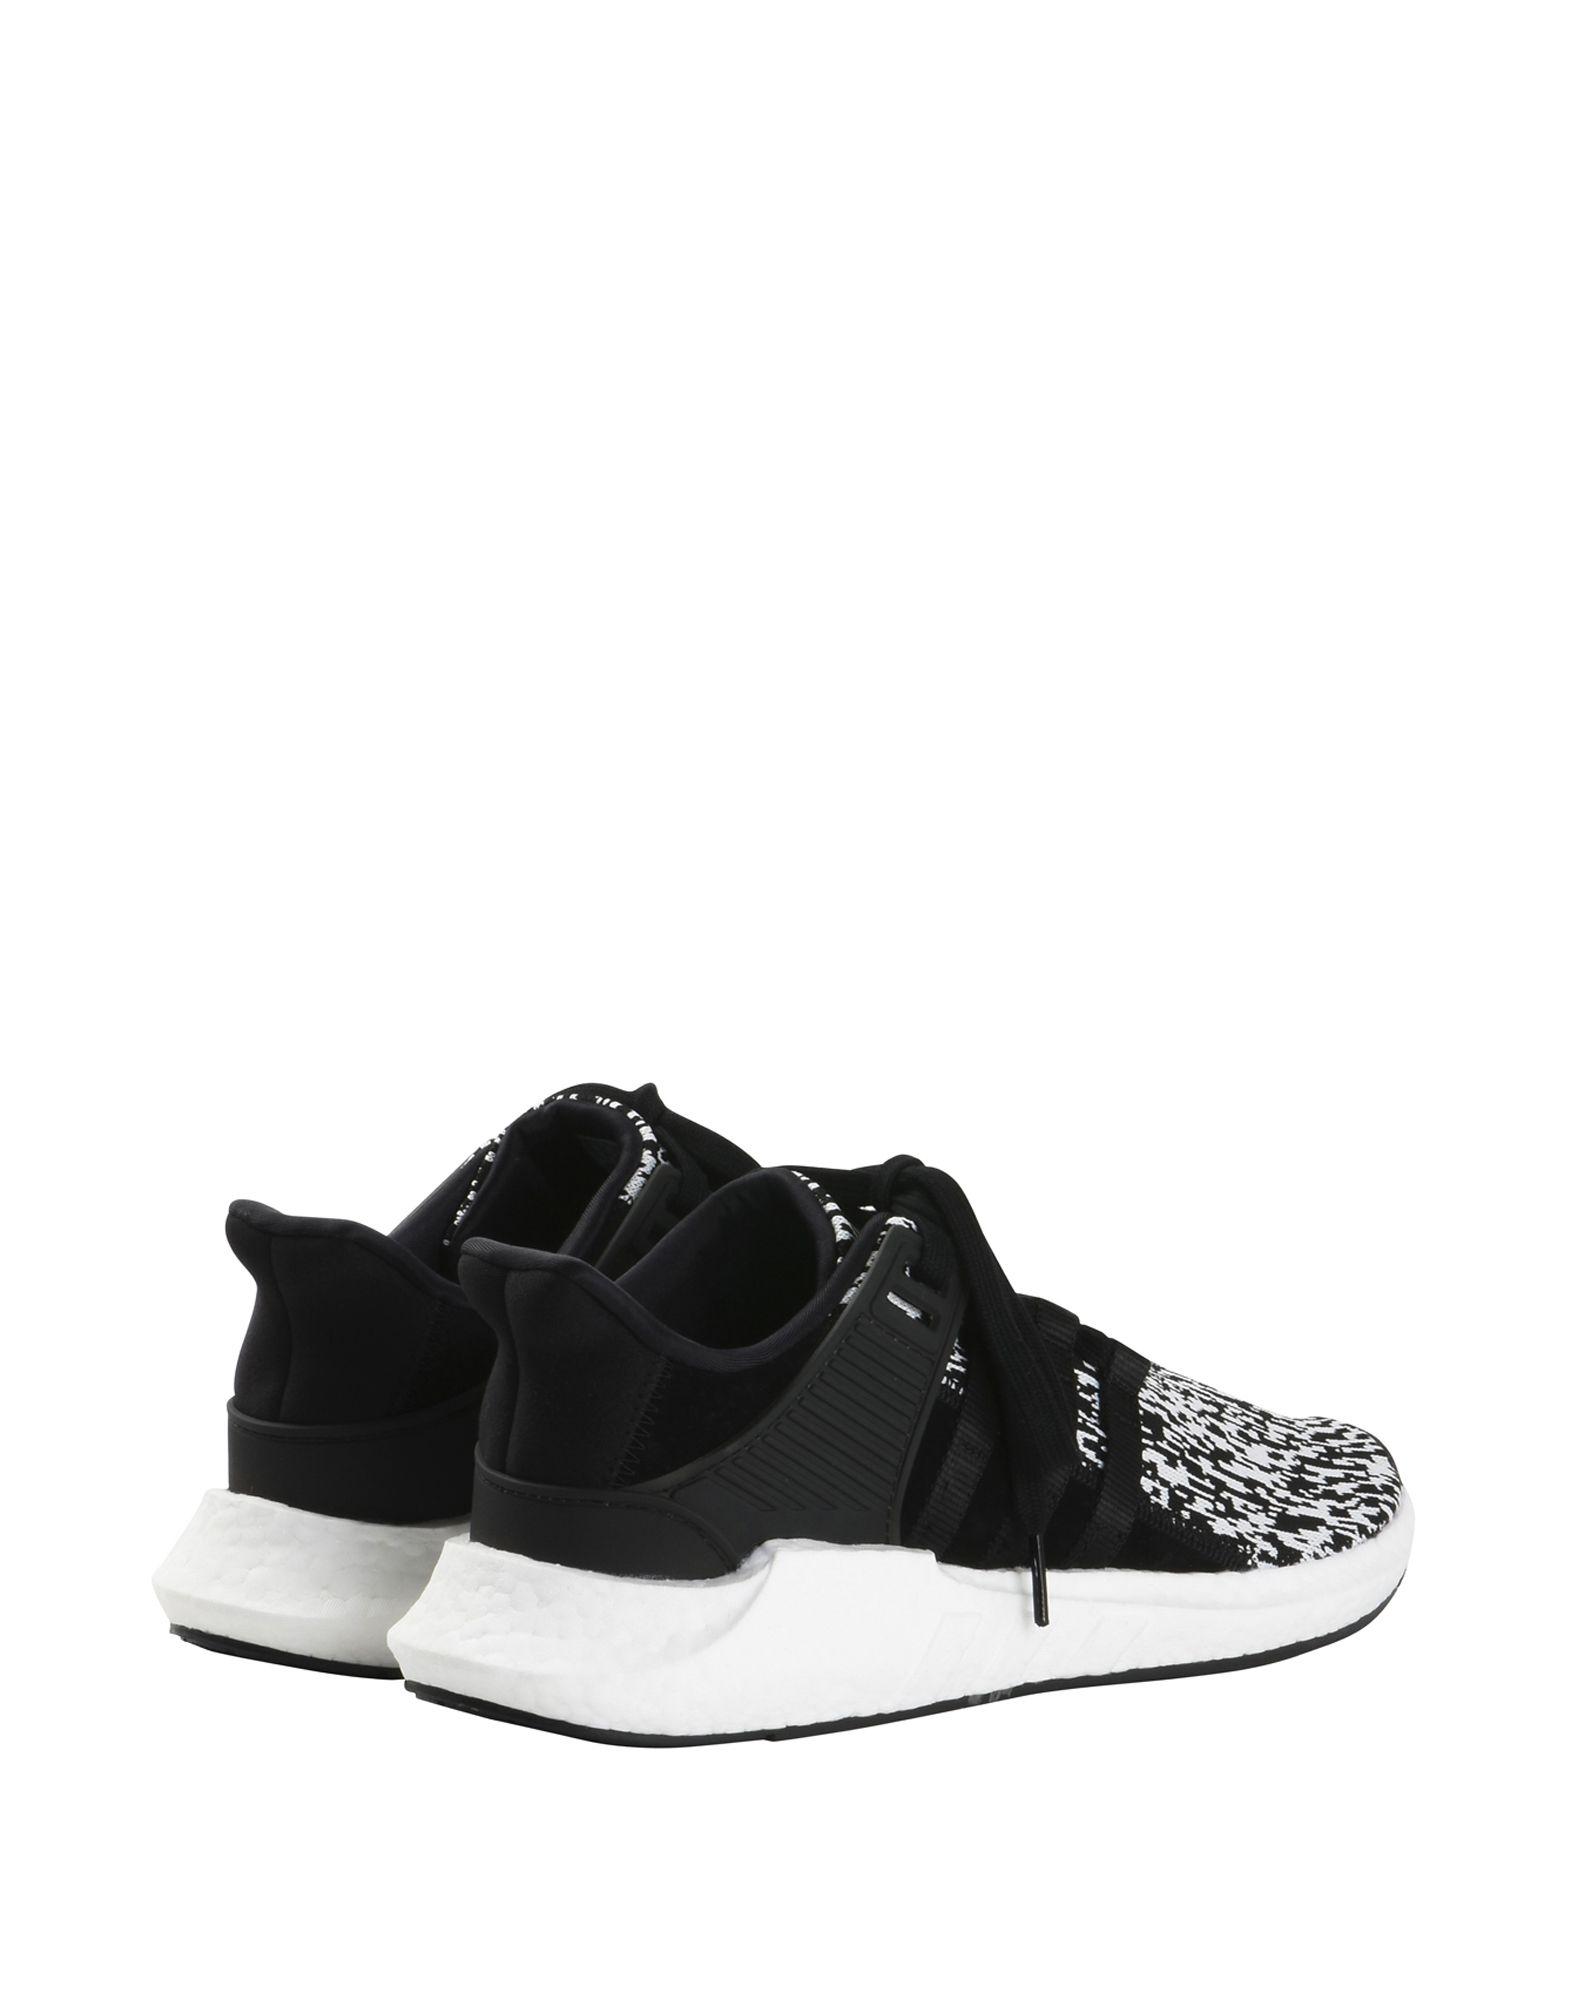 Adidas Originals Eqt - Support 93/17 - Sneakers - Eqt Men Adidas Originals Sneakers online on  United Kingdom - 11369687NT d01fc4